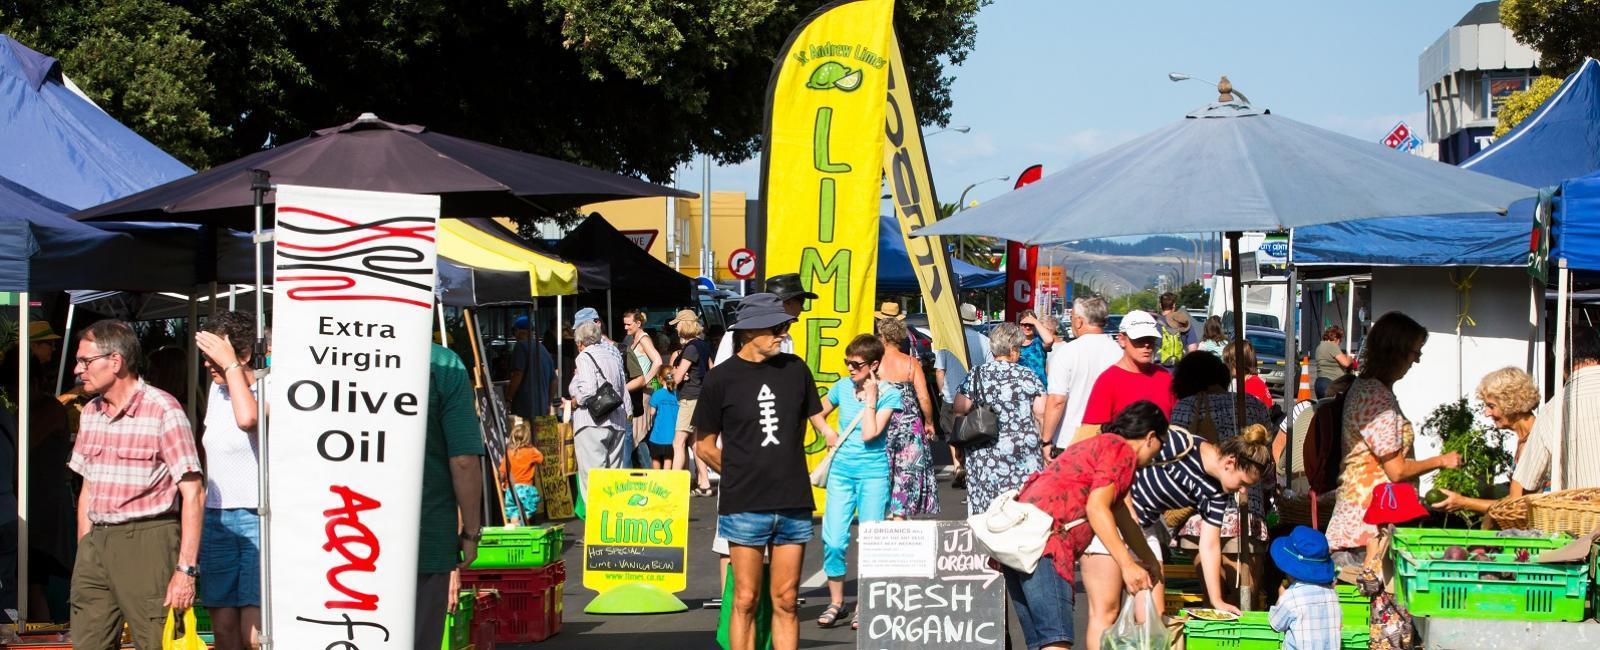 Napier Urban Farmer's Market